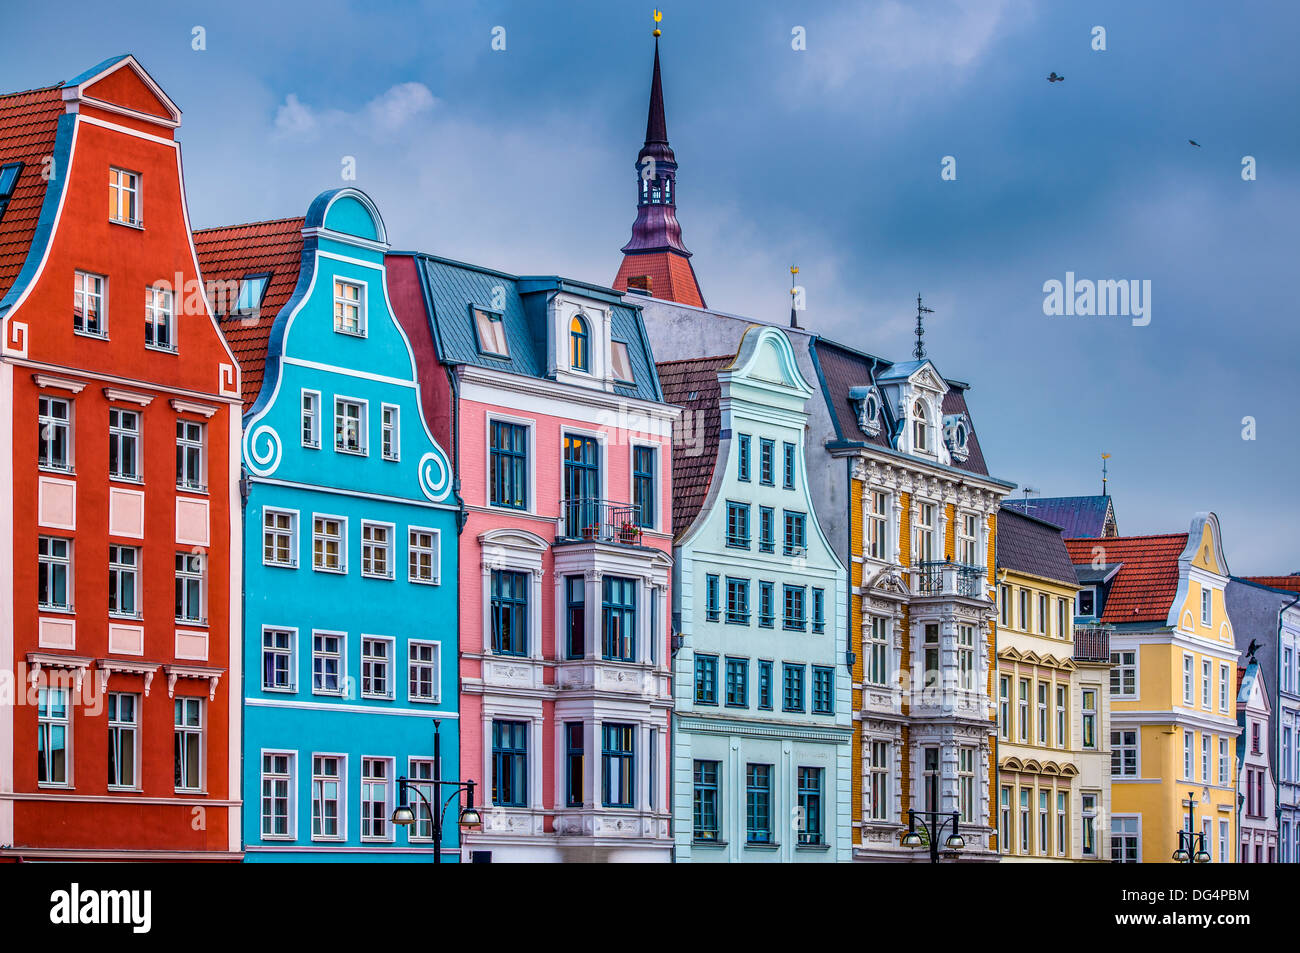 Historic Buildings in Rostock, Germany. - Stock Image